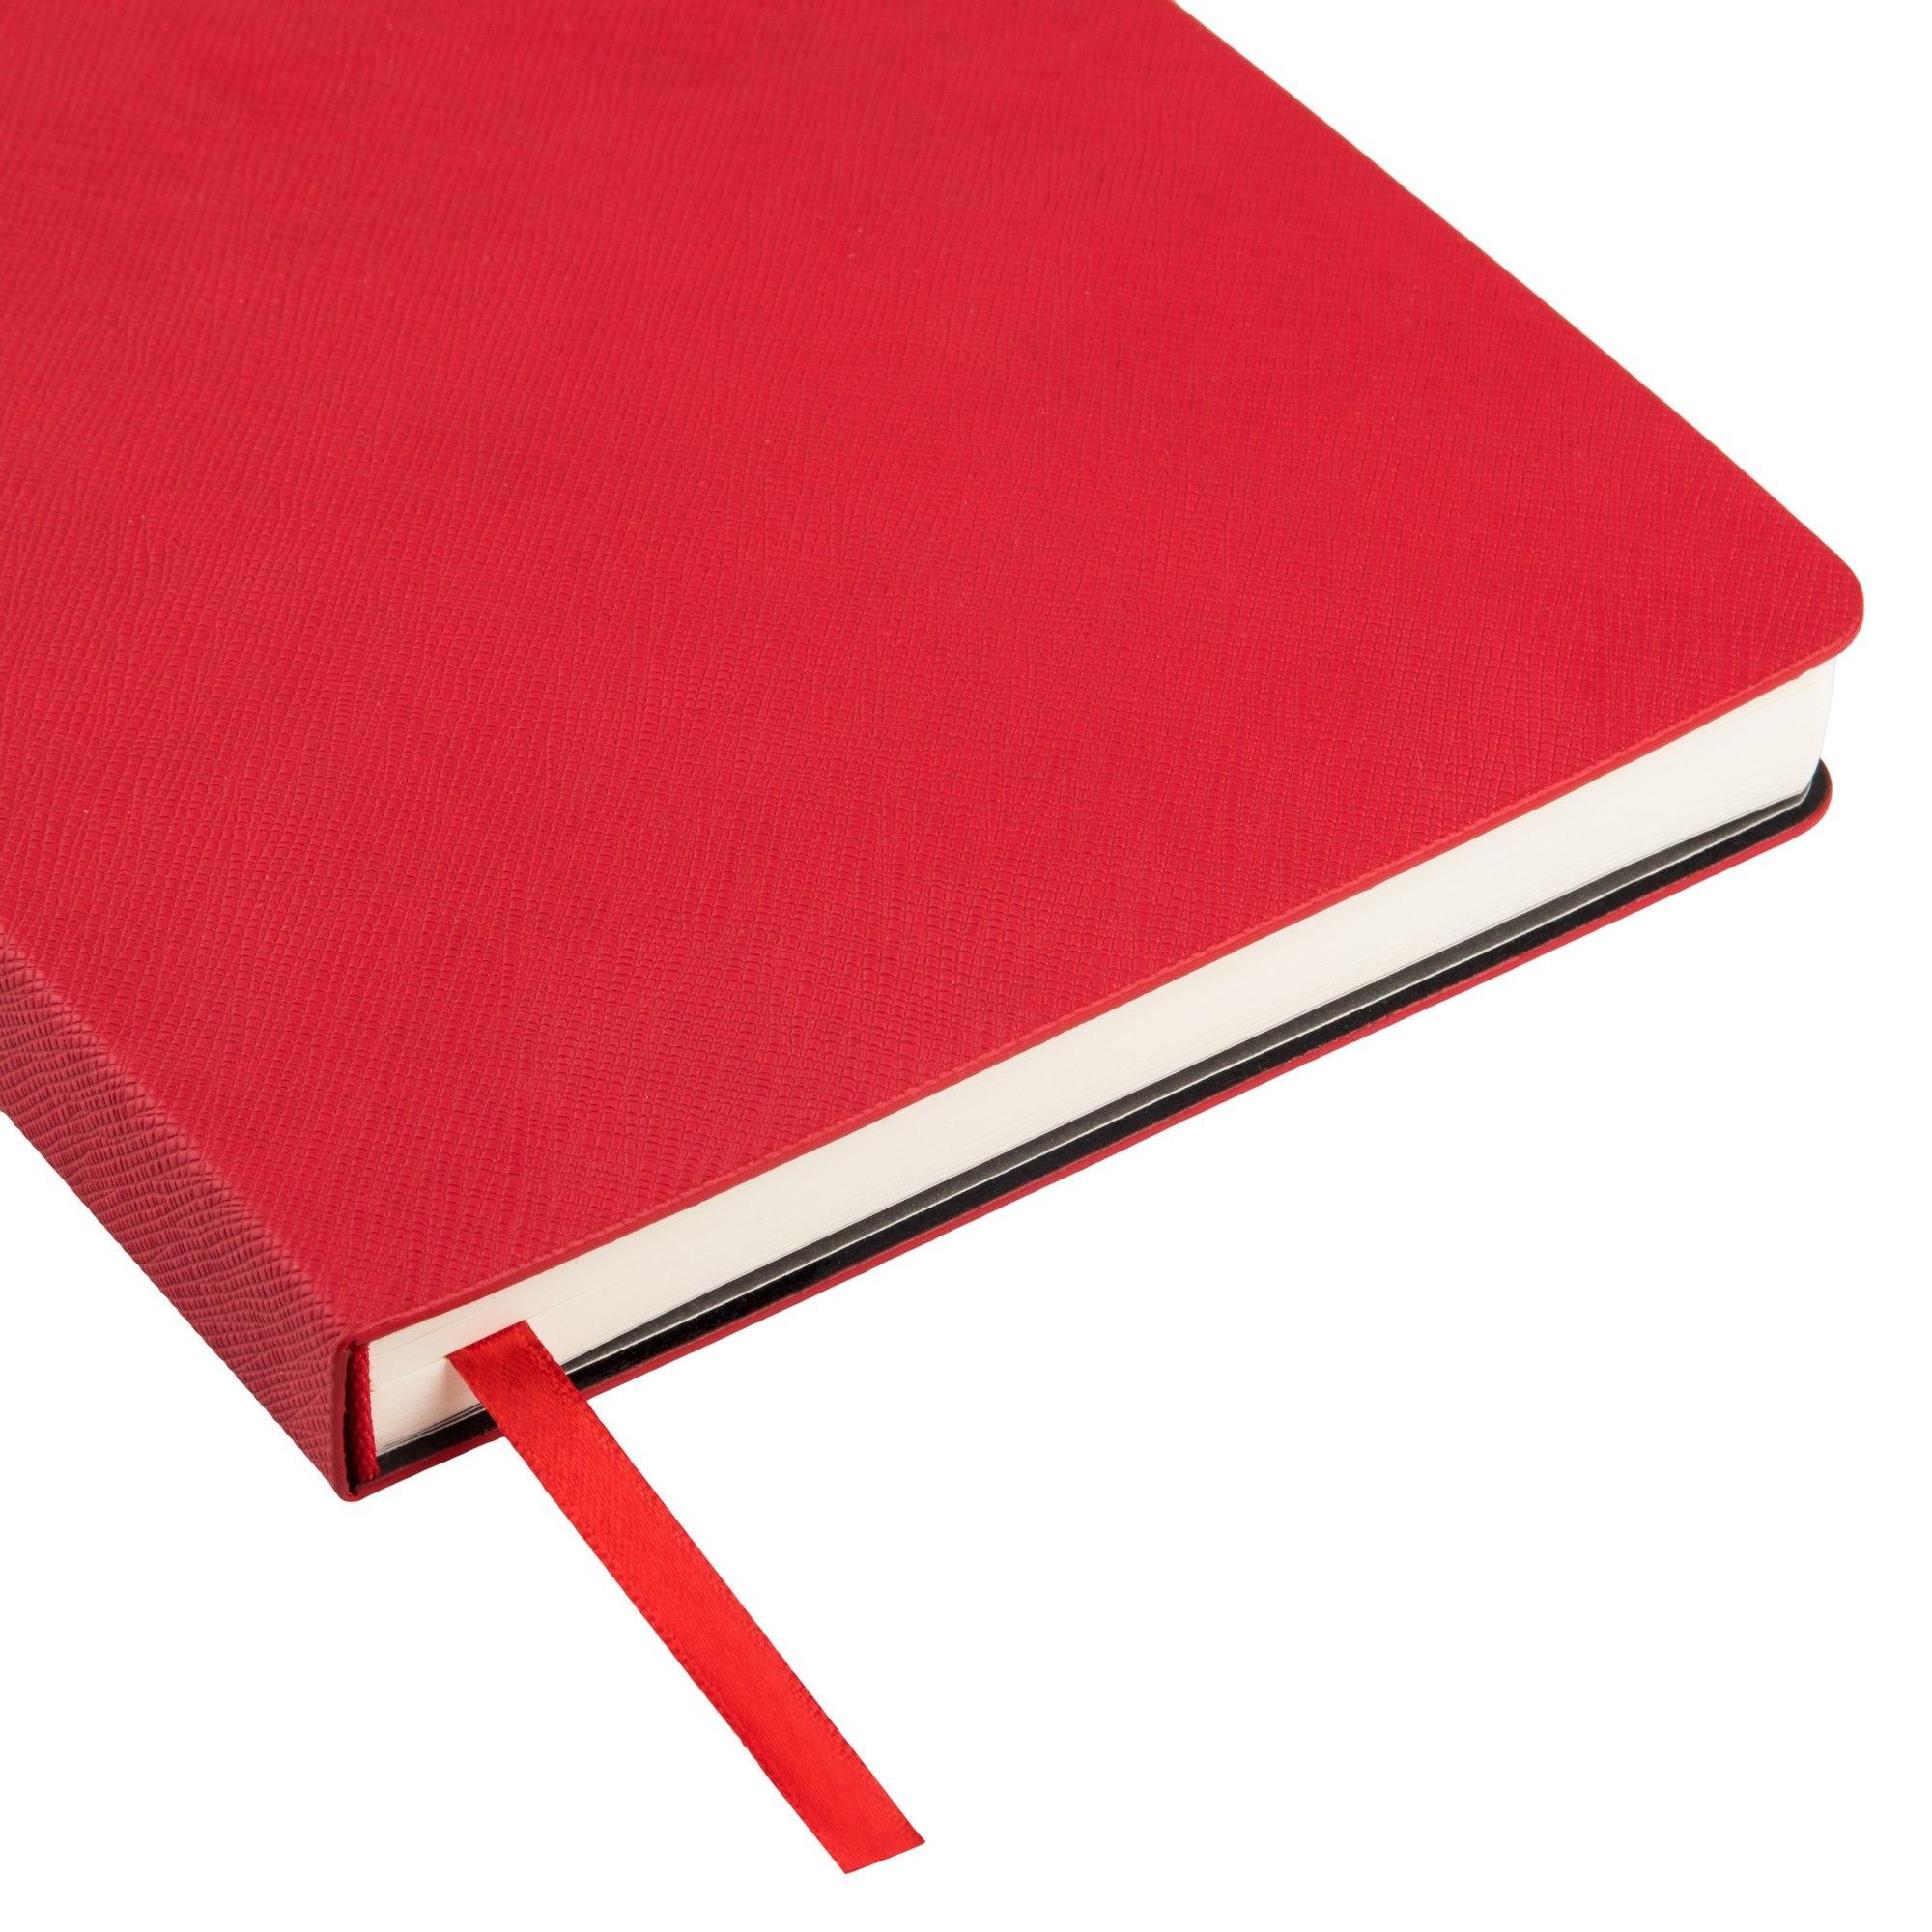 Ежедневник недатированный, Portobello Trend, Summer time , жесткая обложка, 145х210, 256стр, красный